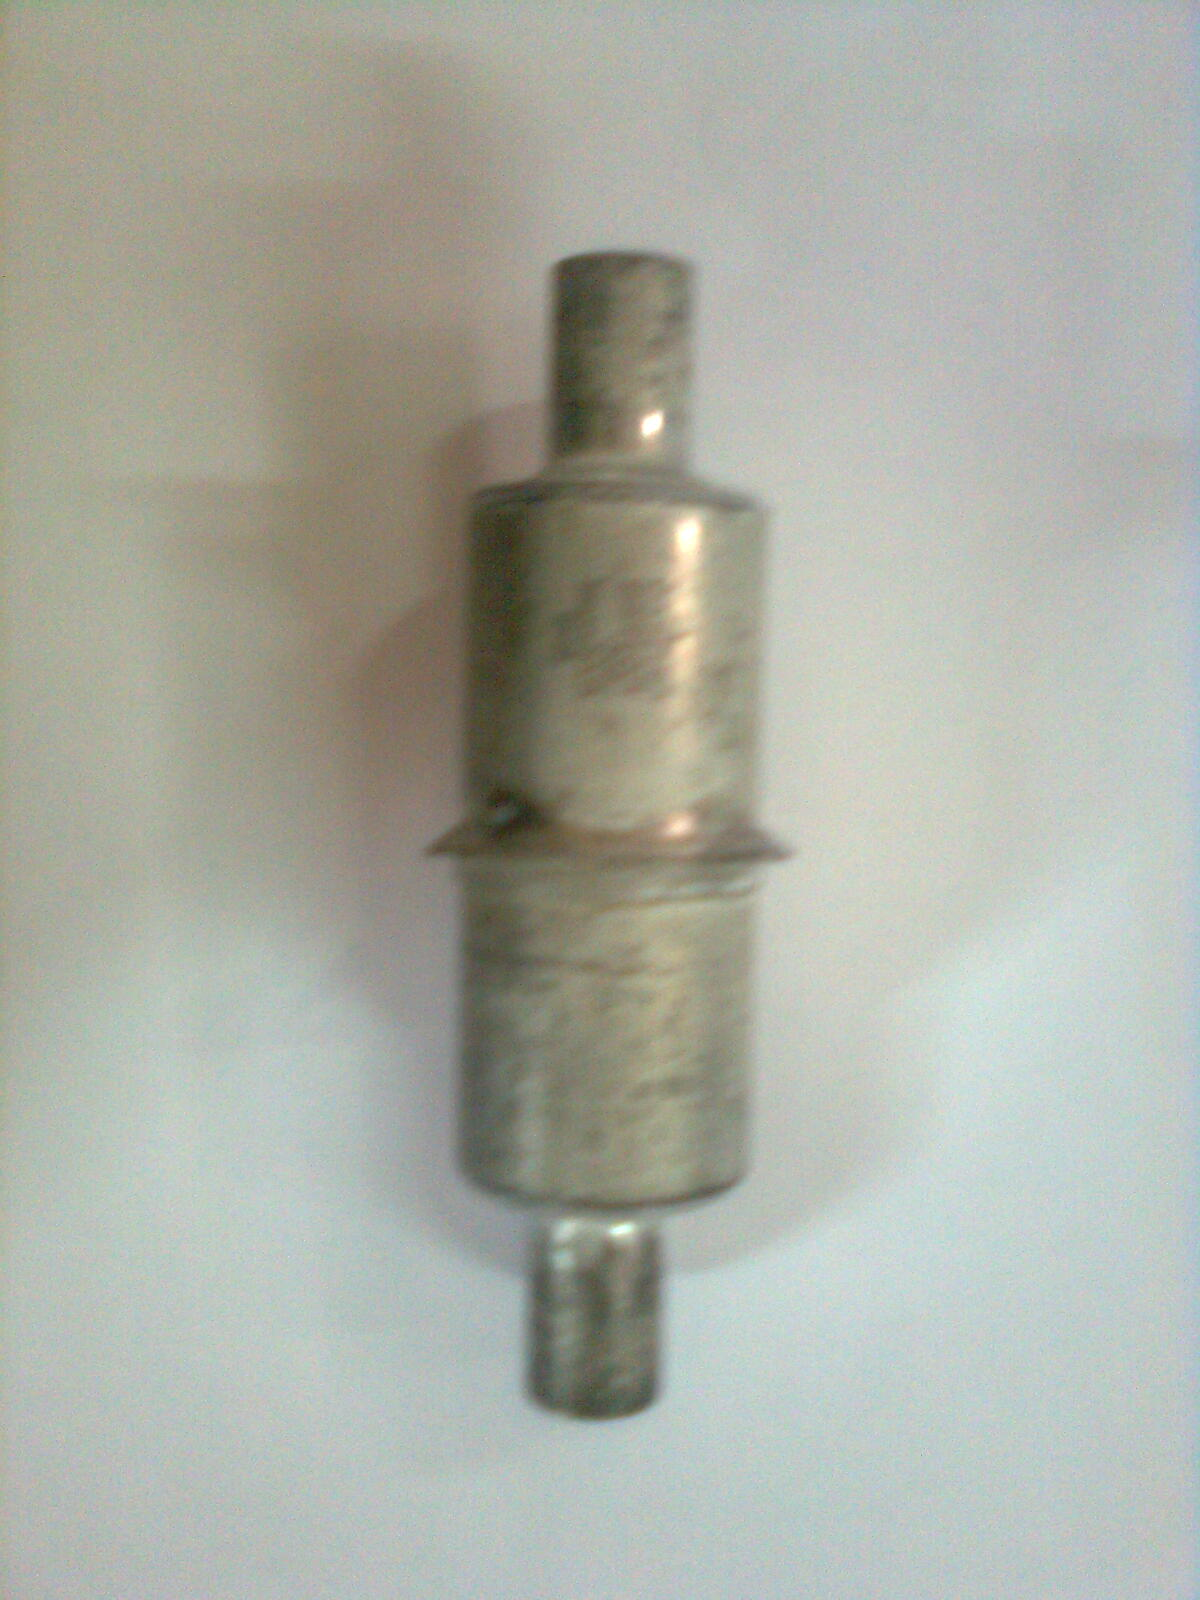 [Kupi�] Kondensatory 1) 5MFD / 36V/200AMP QTY - 250 NOS. 2) 5MFD/30V/400AMP Q